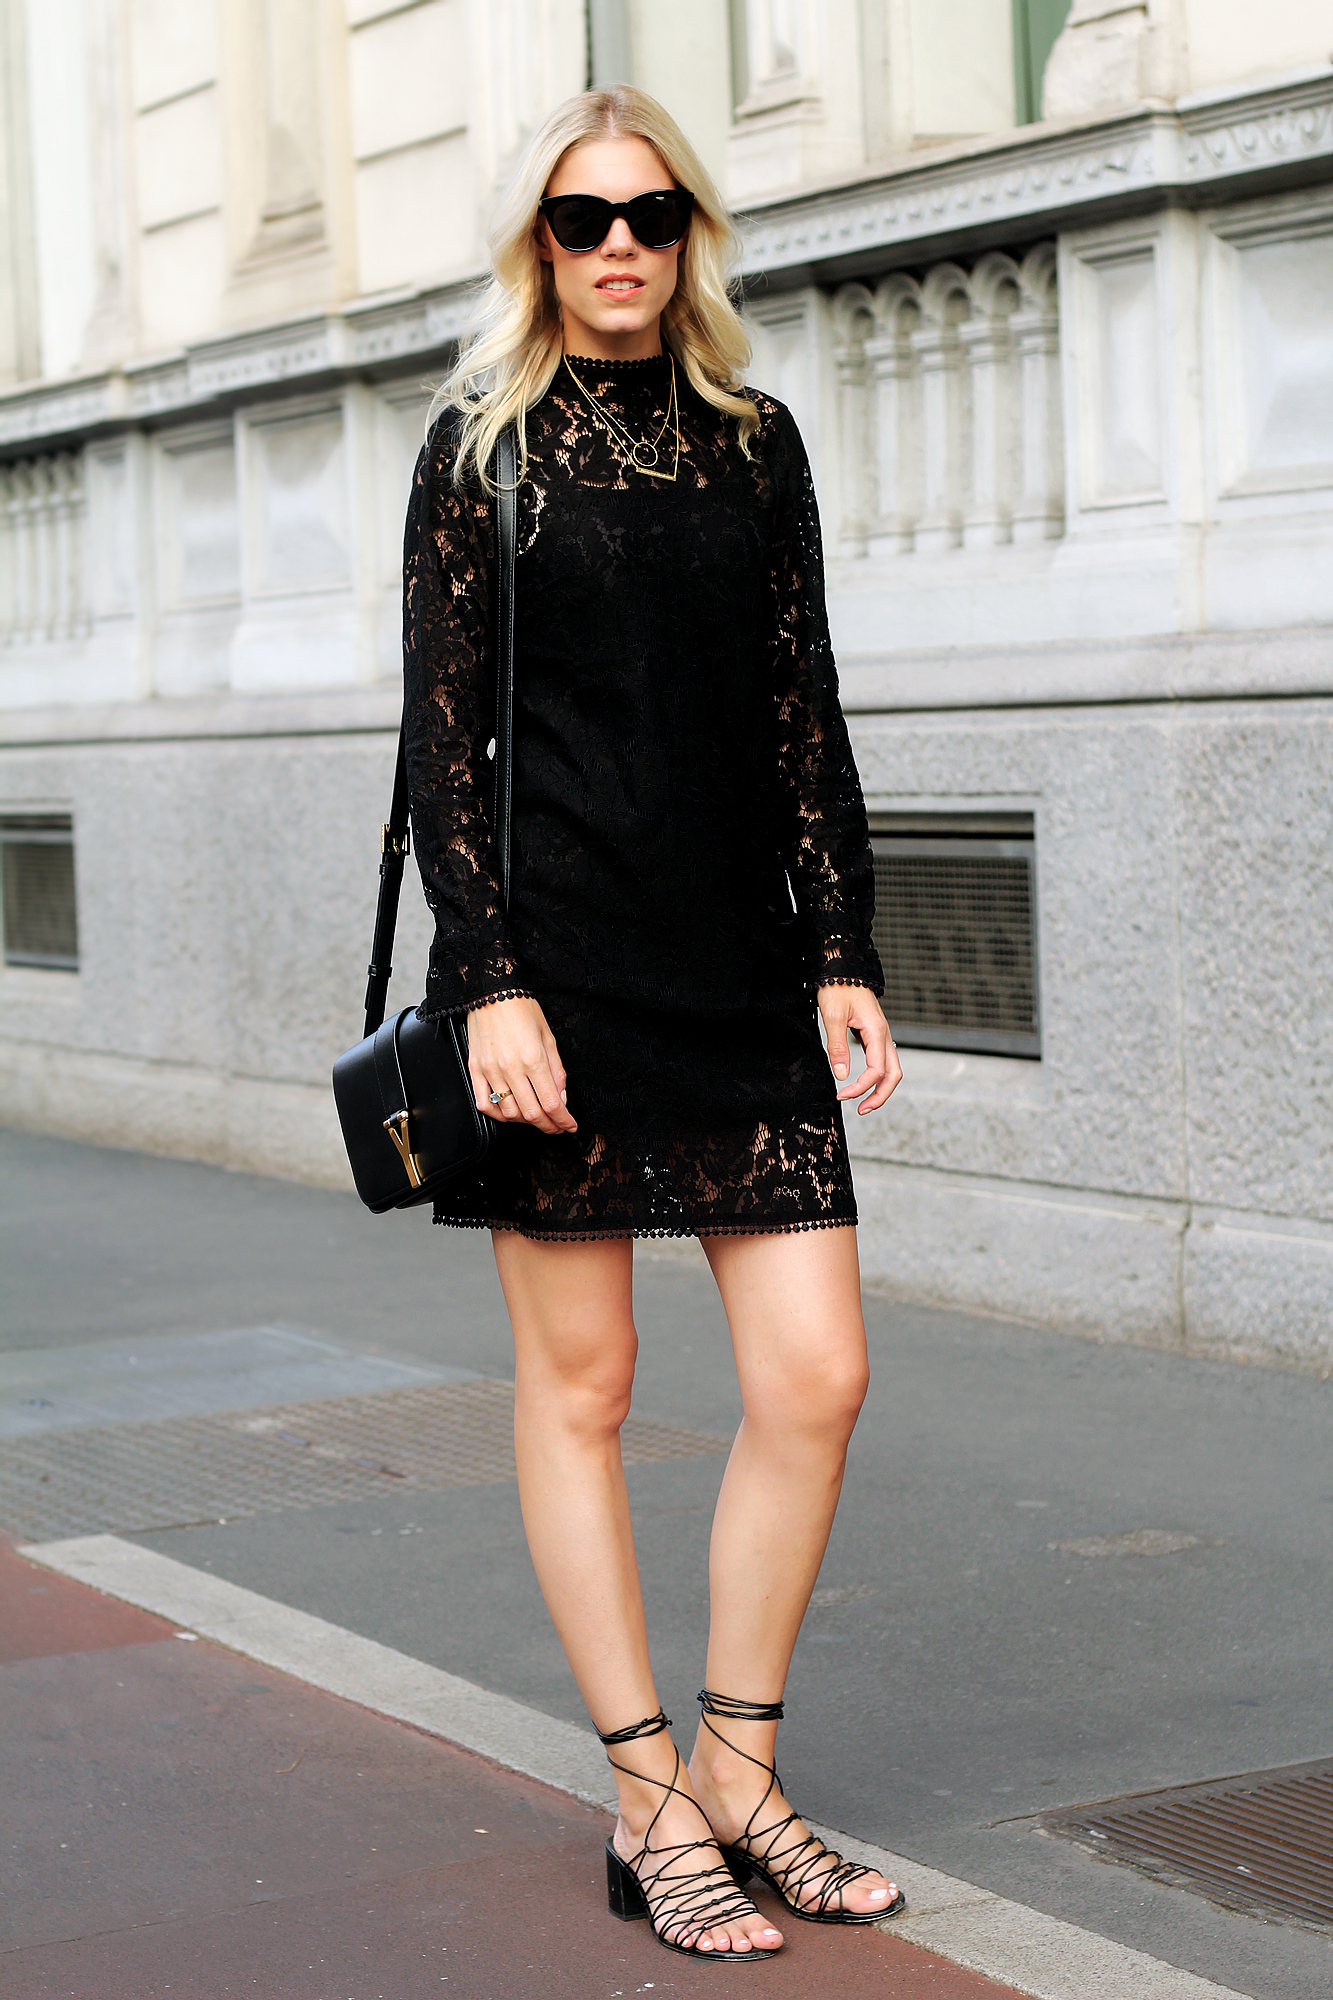 milan_streetfashion_hm_mango_dress